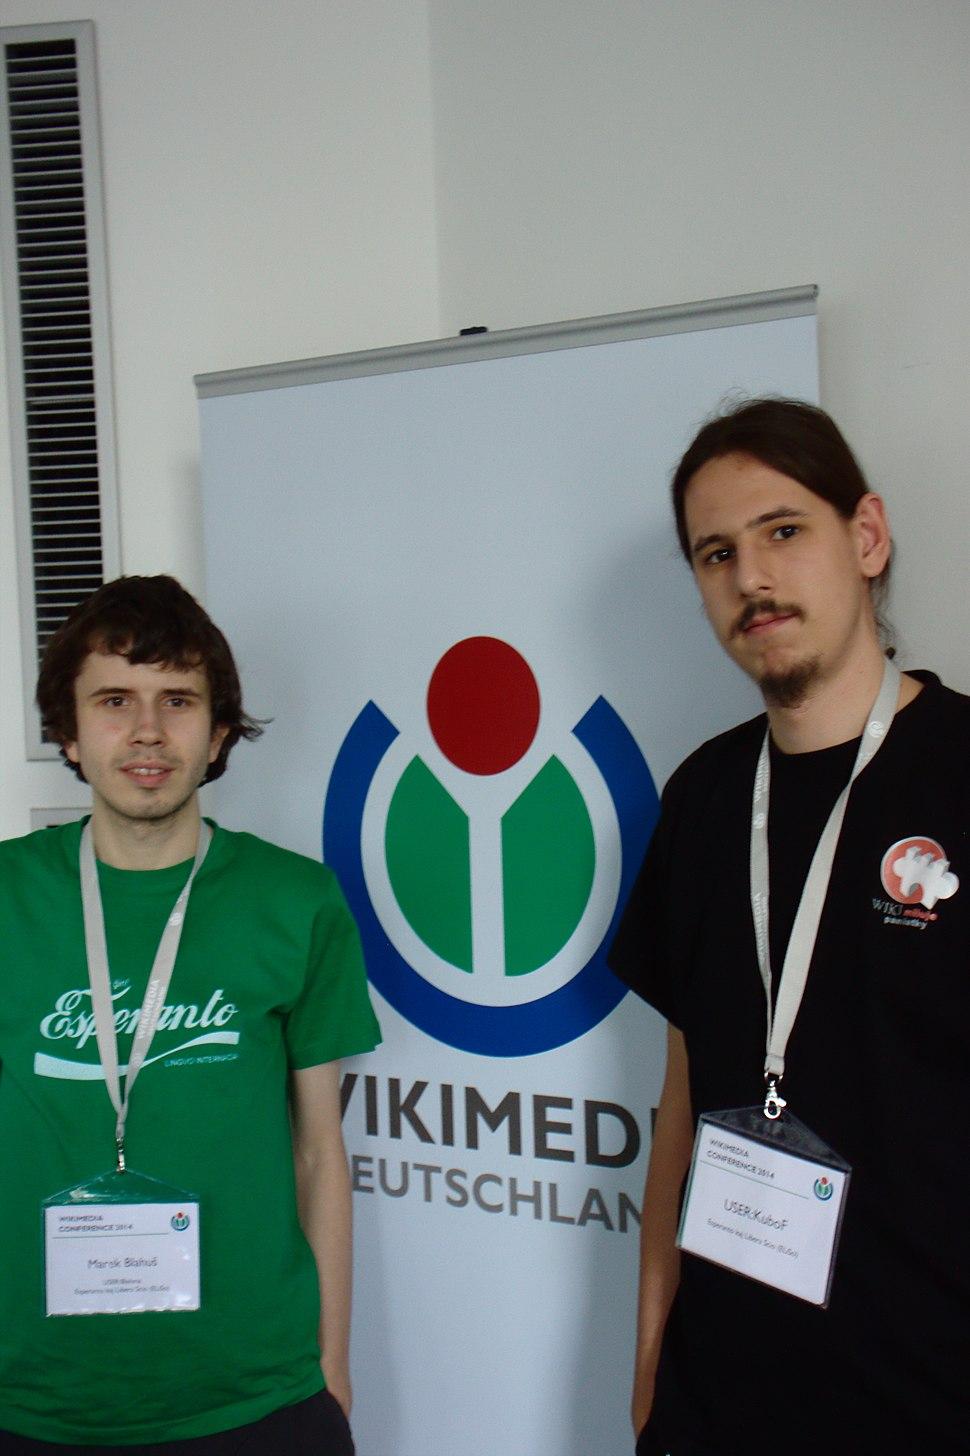 Berlín, Wikimedia Conference, esperantisté